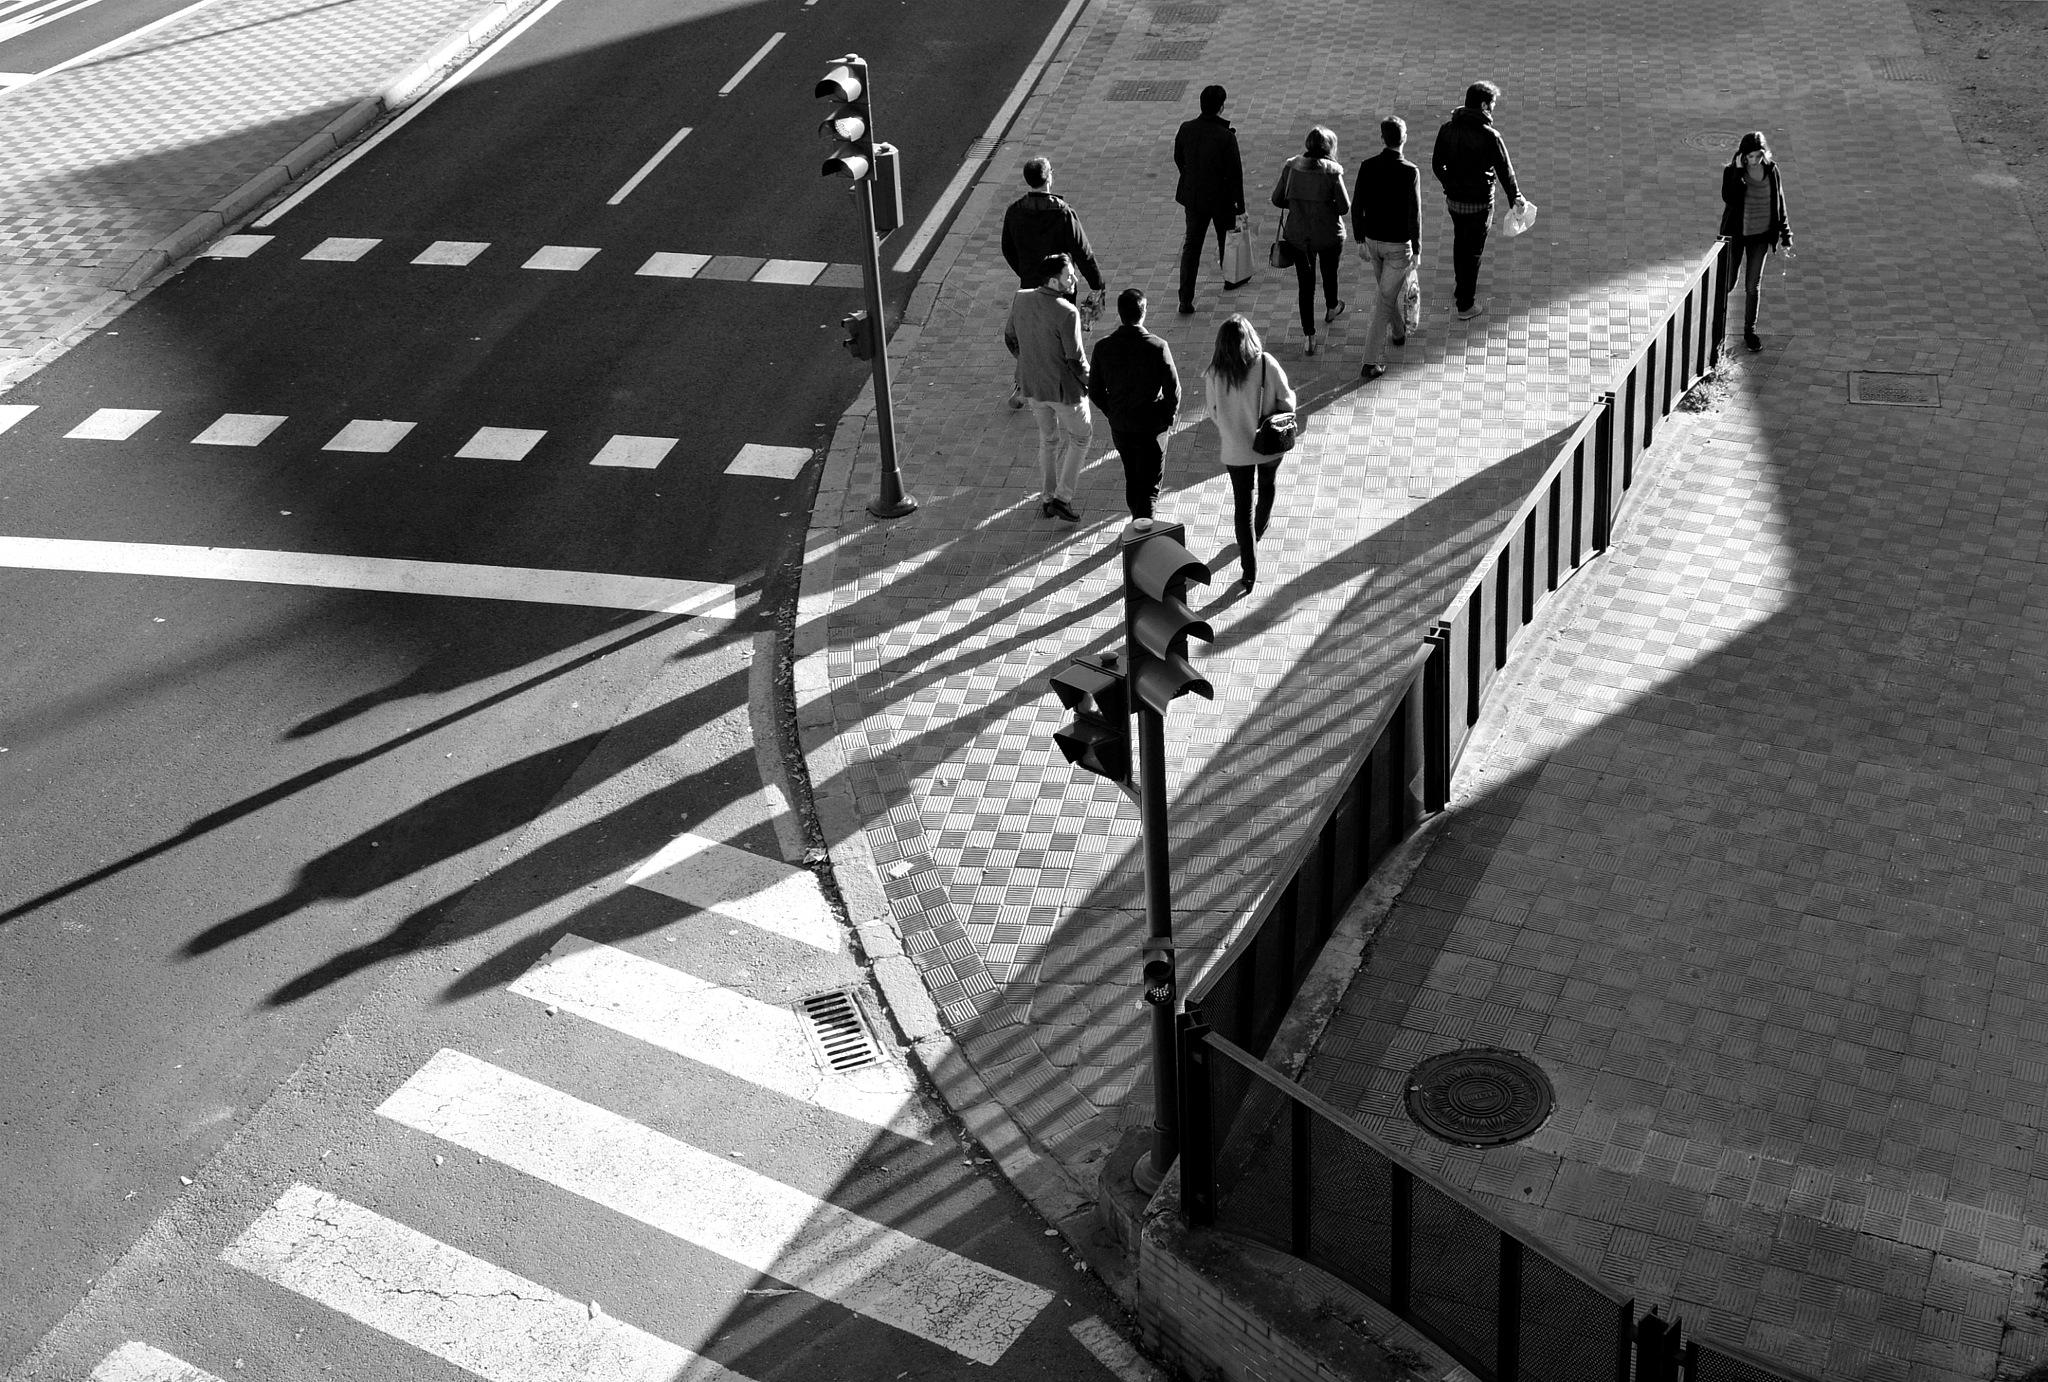 Shadows by Klaus Van Allen